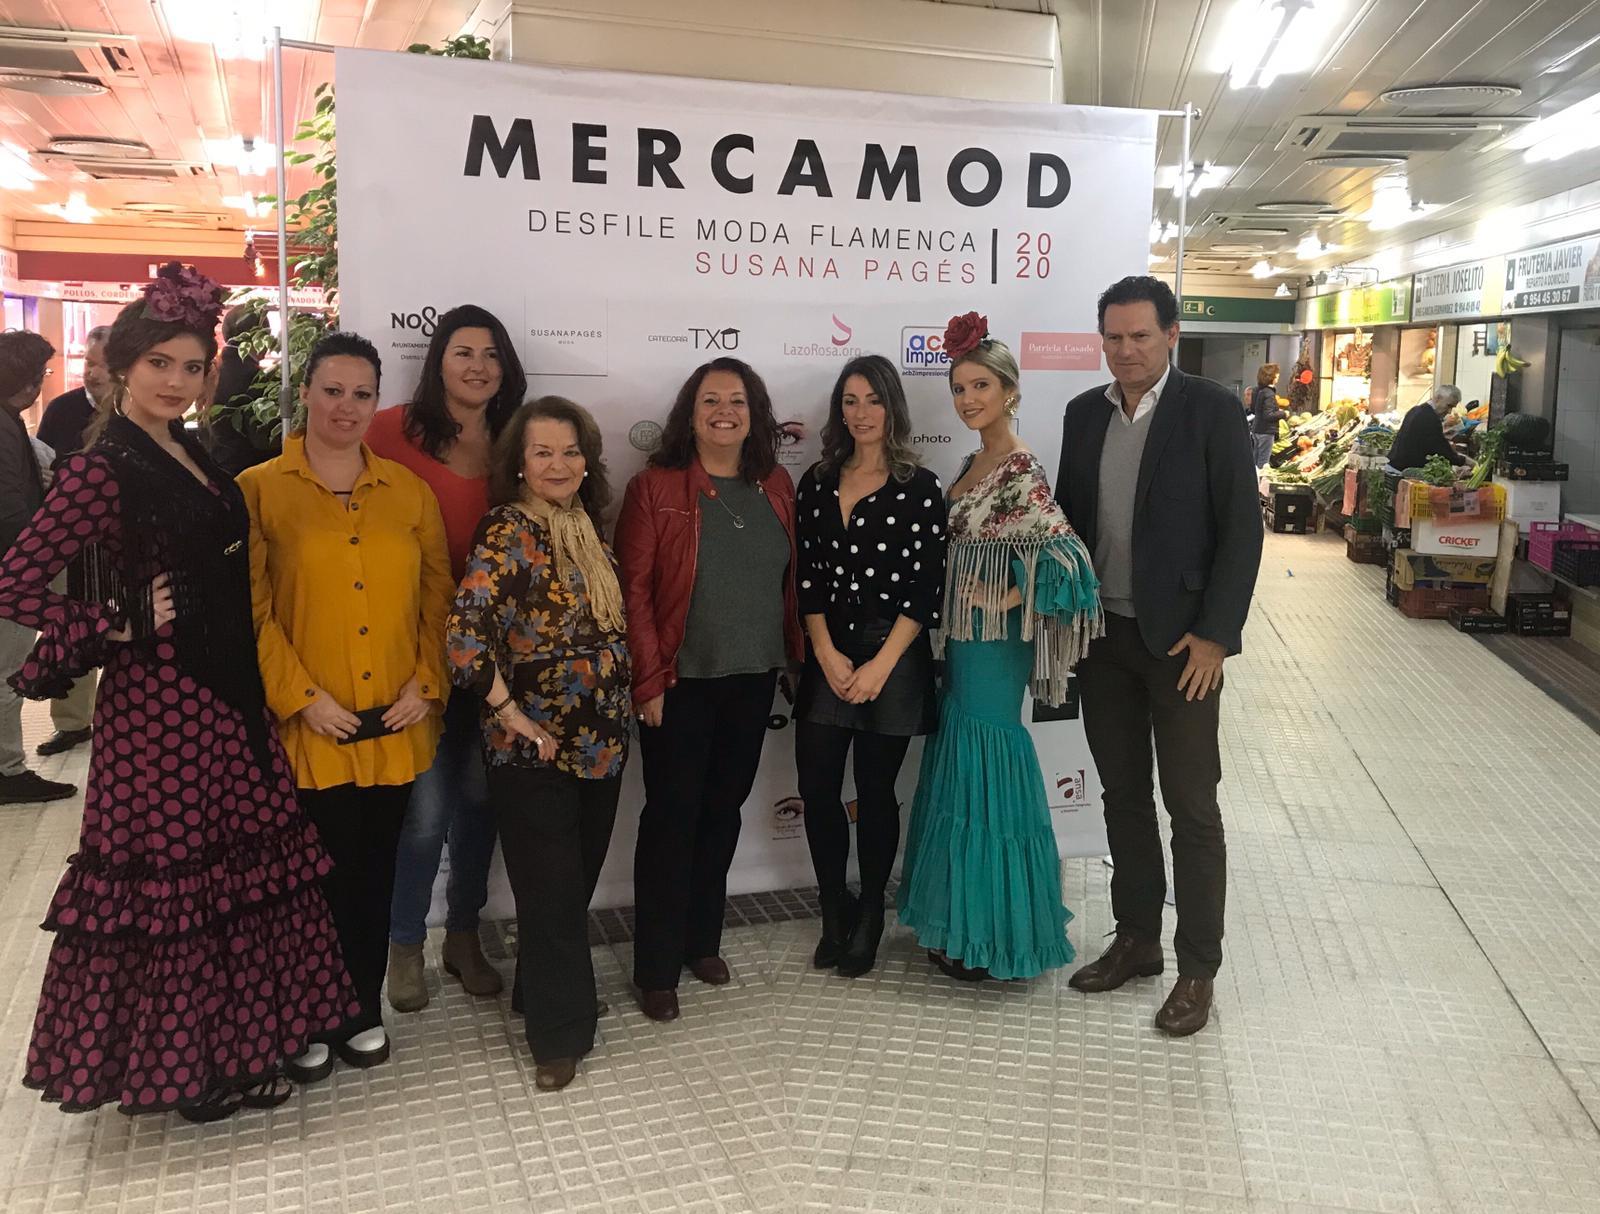 Un desfile de moda flamenca llenará los puestos del mercado de Los Remedios